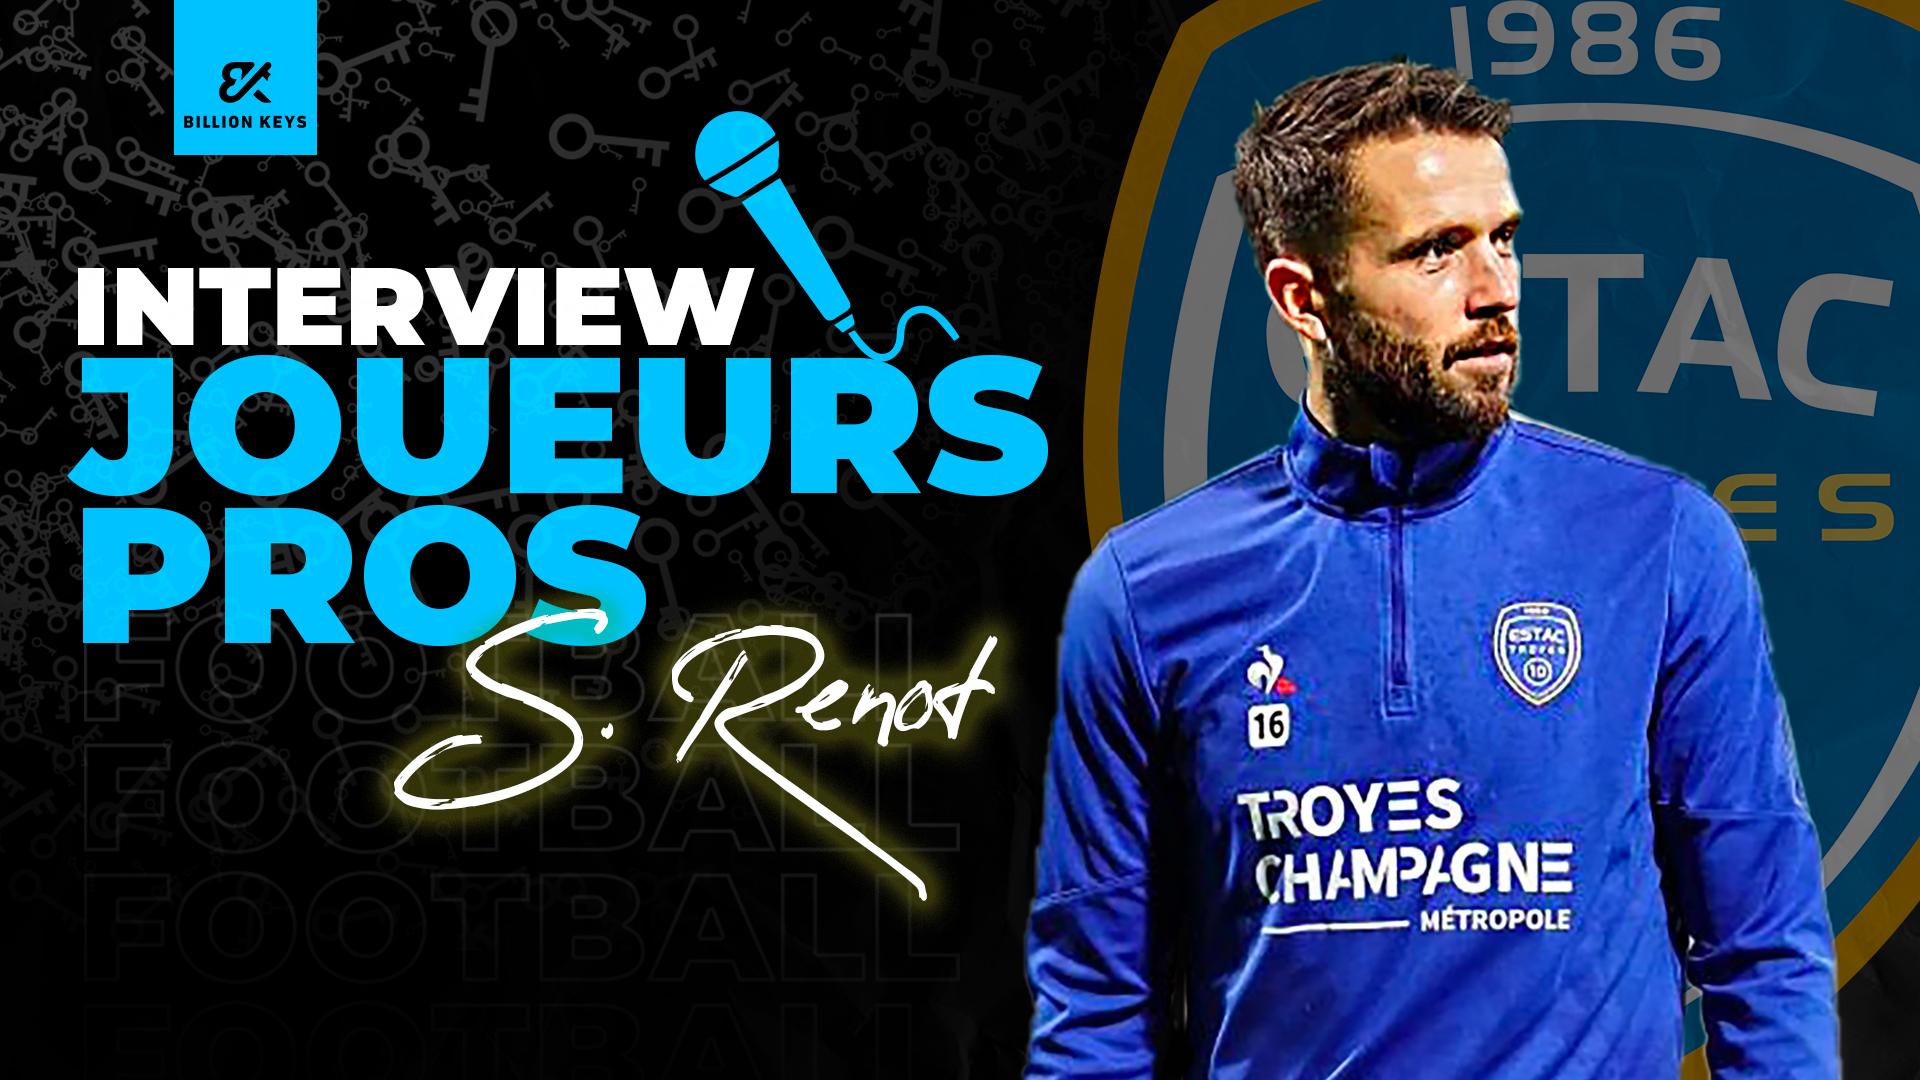 Interview du joueur pro Sébastien Renot